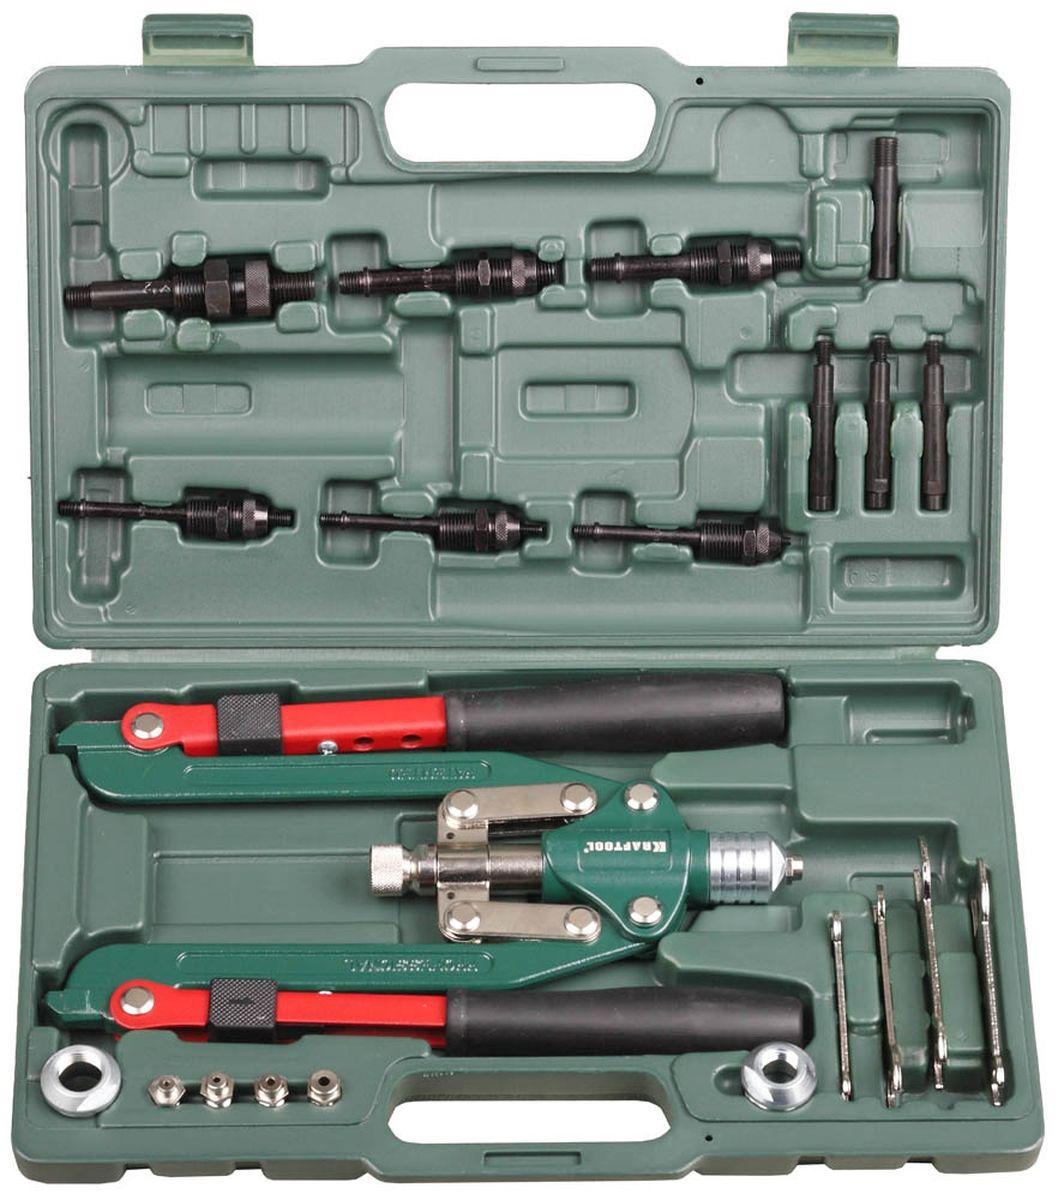 Заклепочник двуручный складной силовой Kraftool Pro-Kraft, для резьбовых заклепок31182